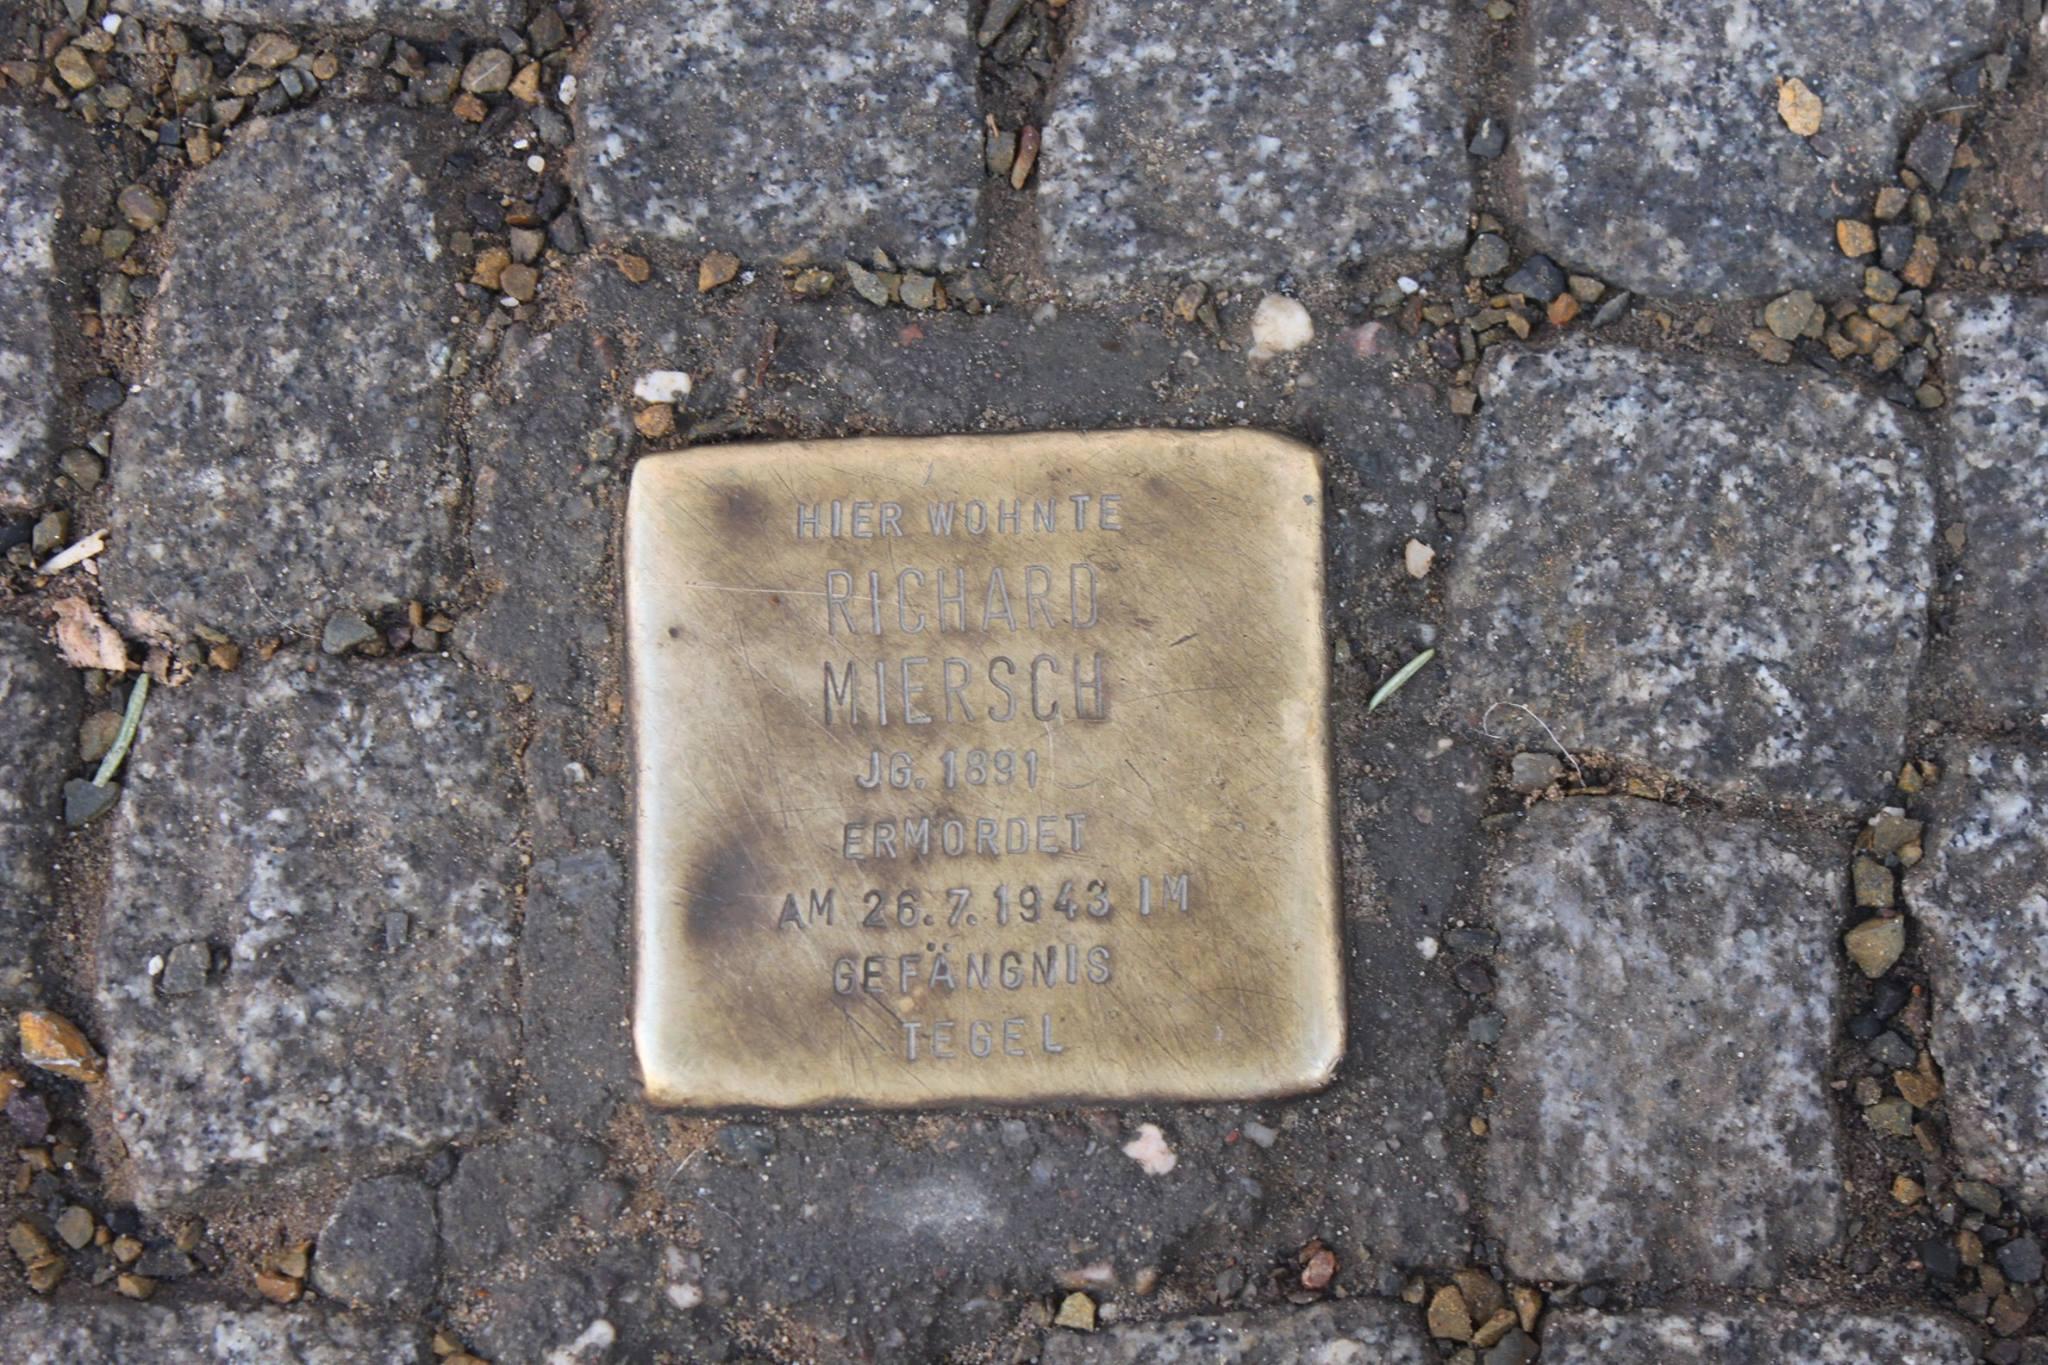 Stolperstein für Richard Miersch. Foto: Beke Detlefsen CC BY-SA 3.0